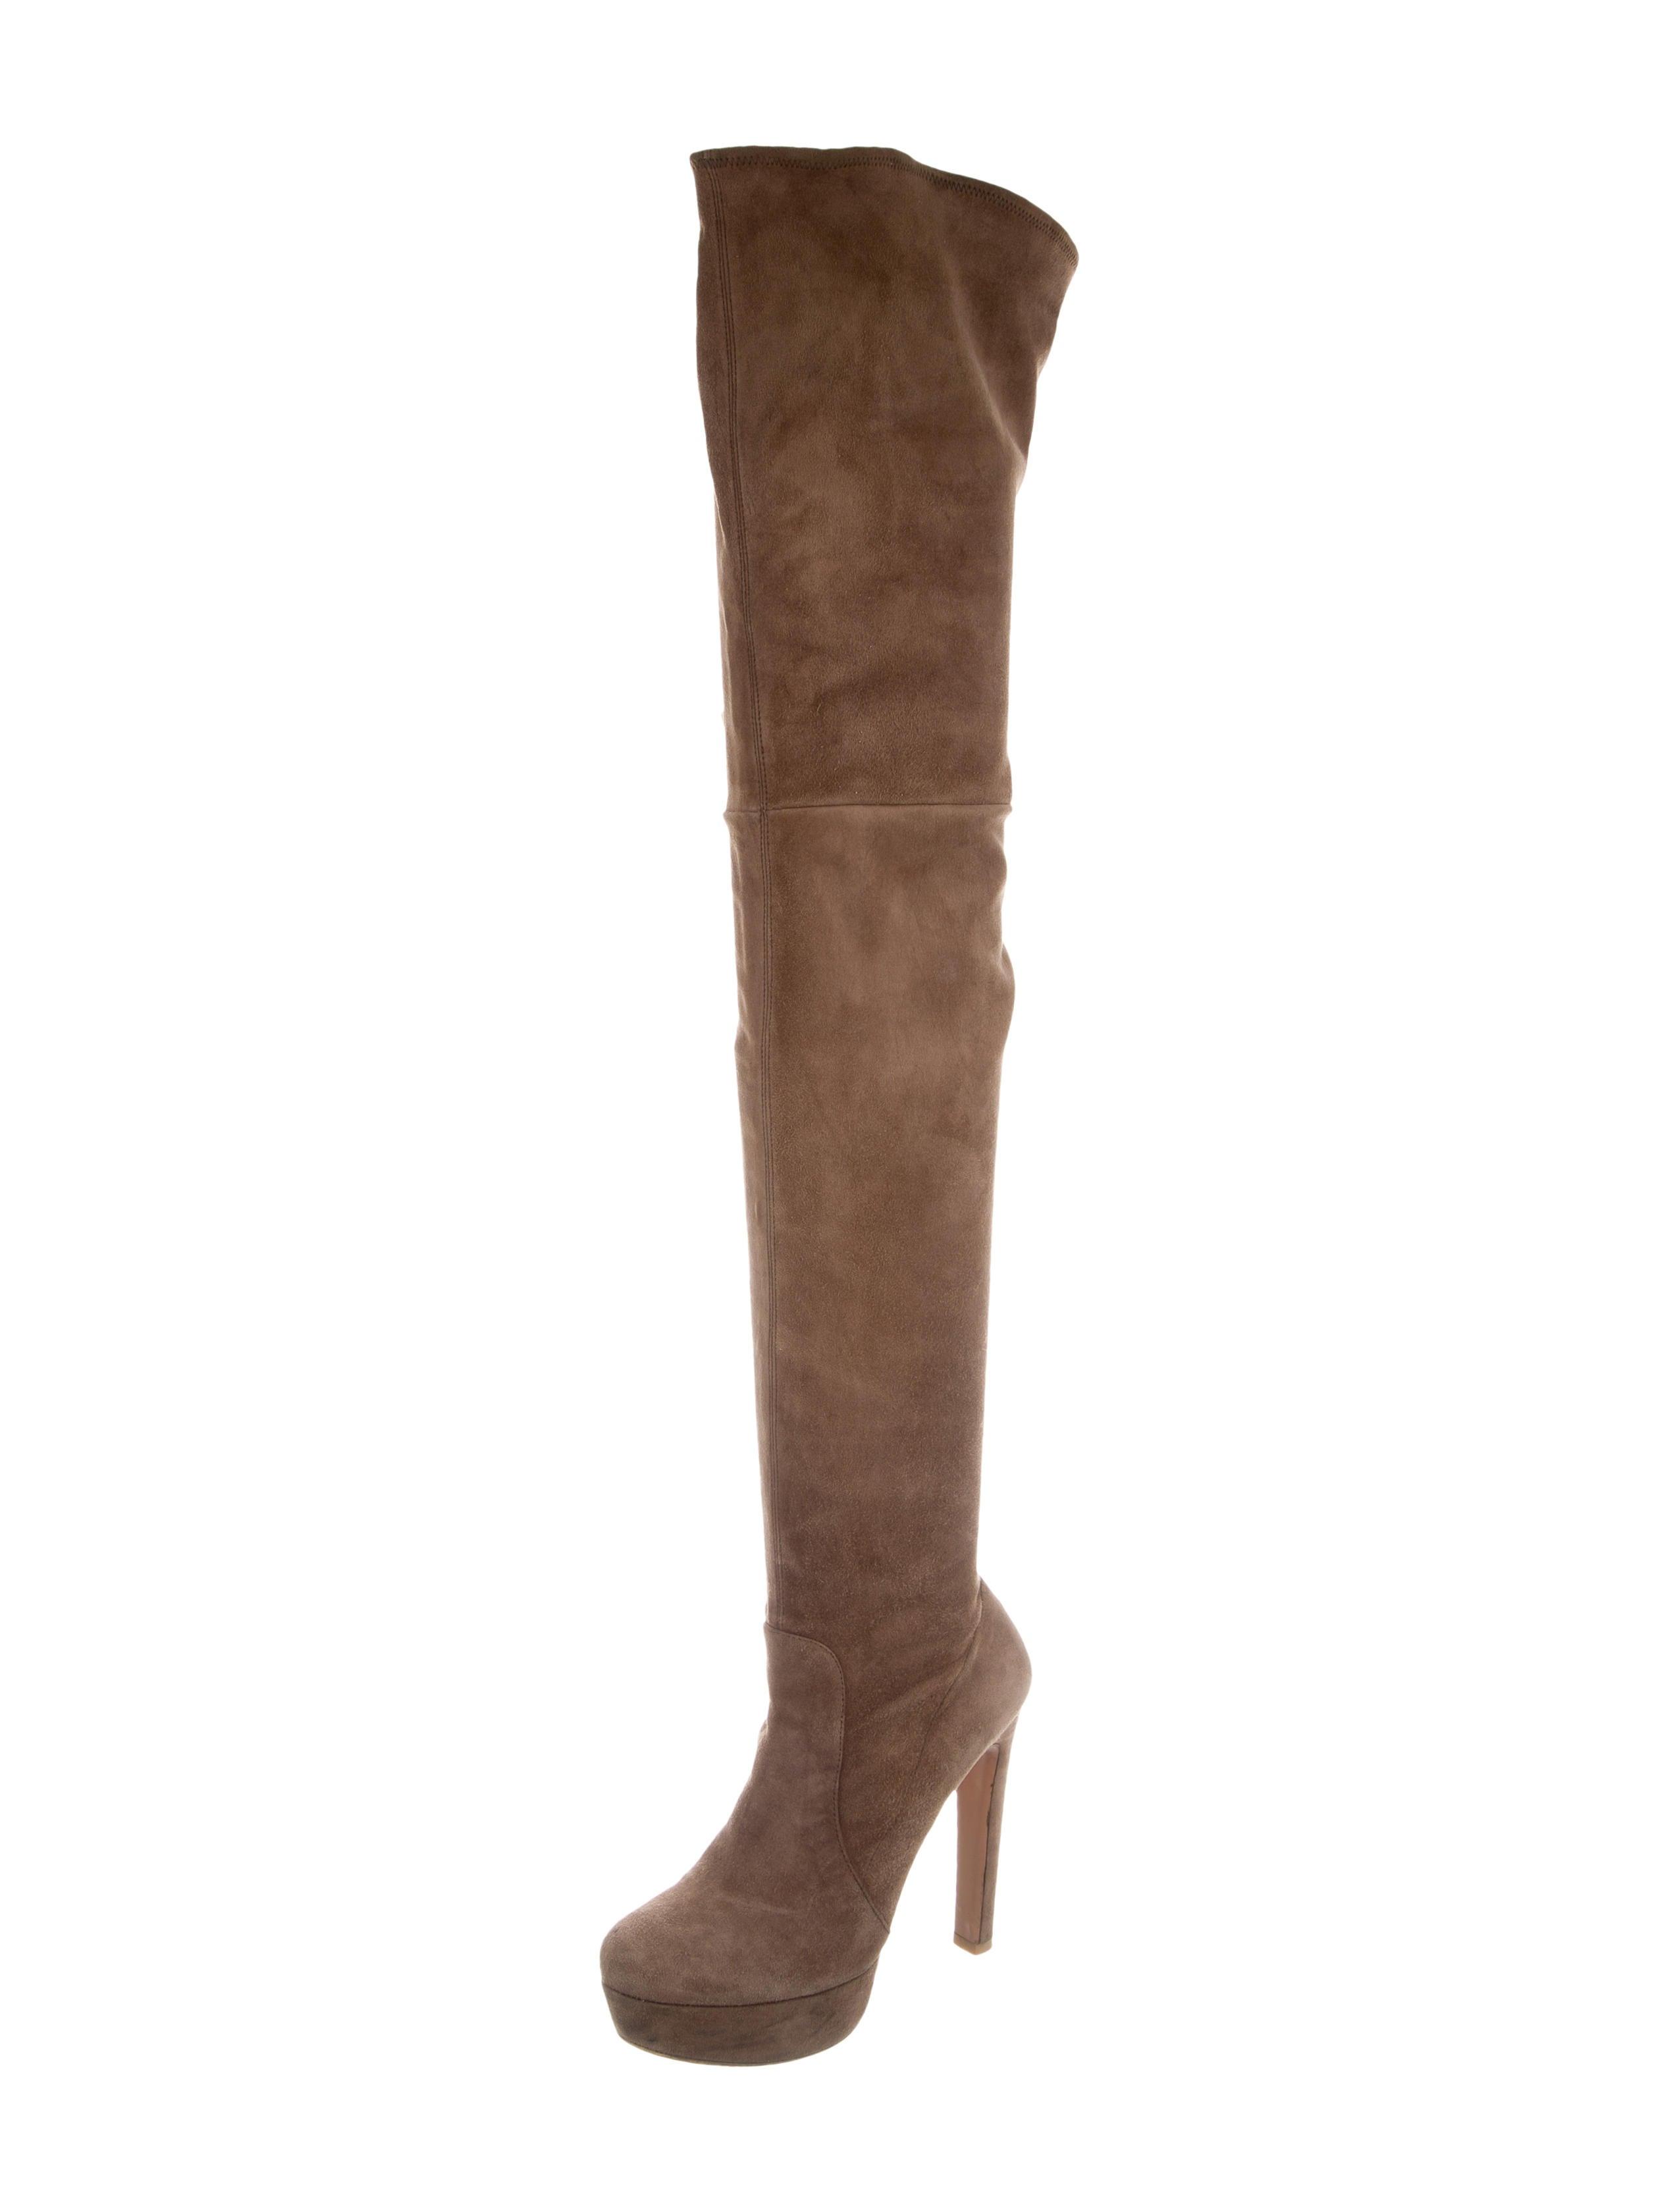 prada platform thigh high boots shoes pra133585 the